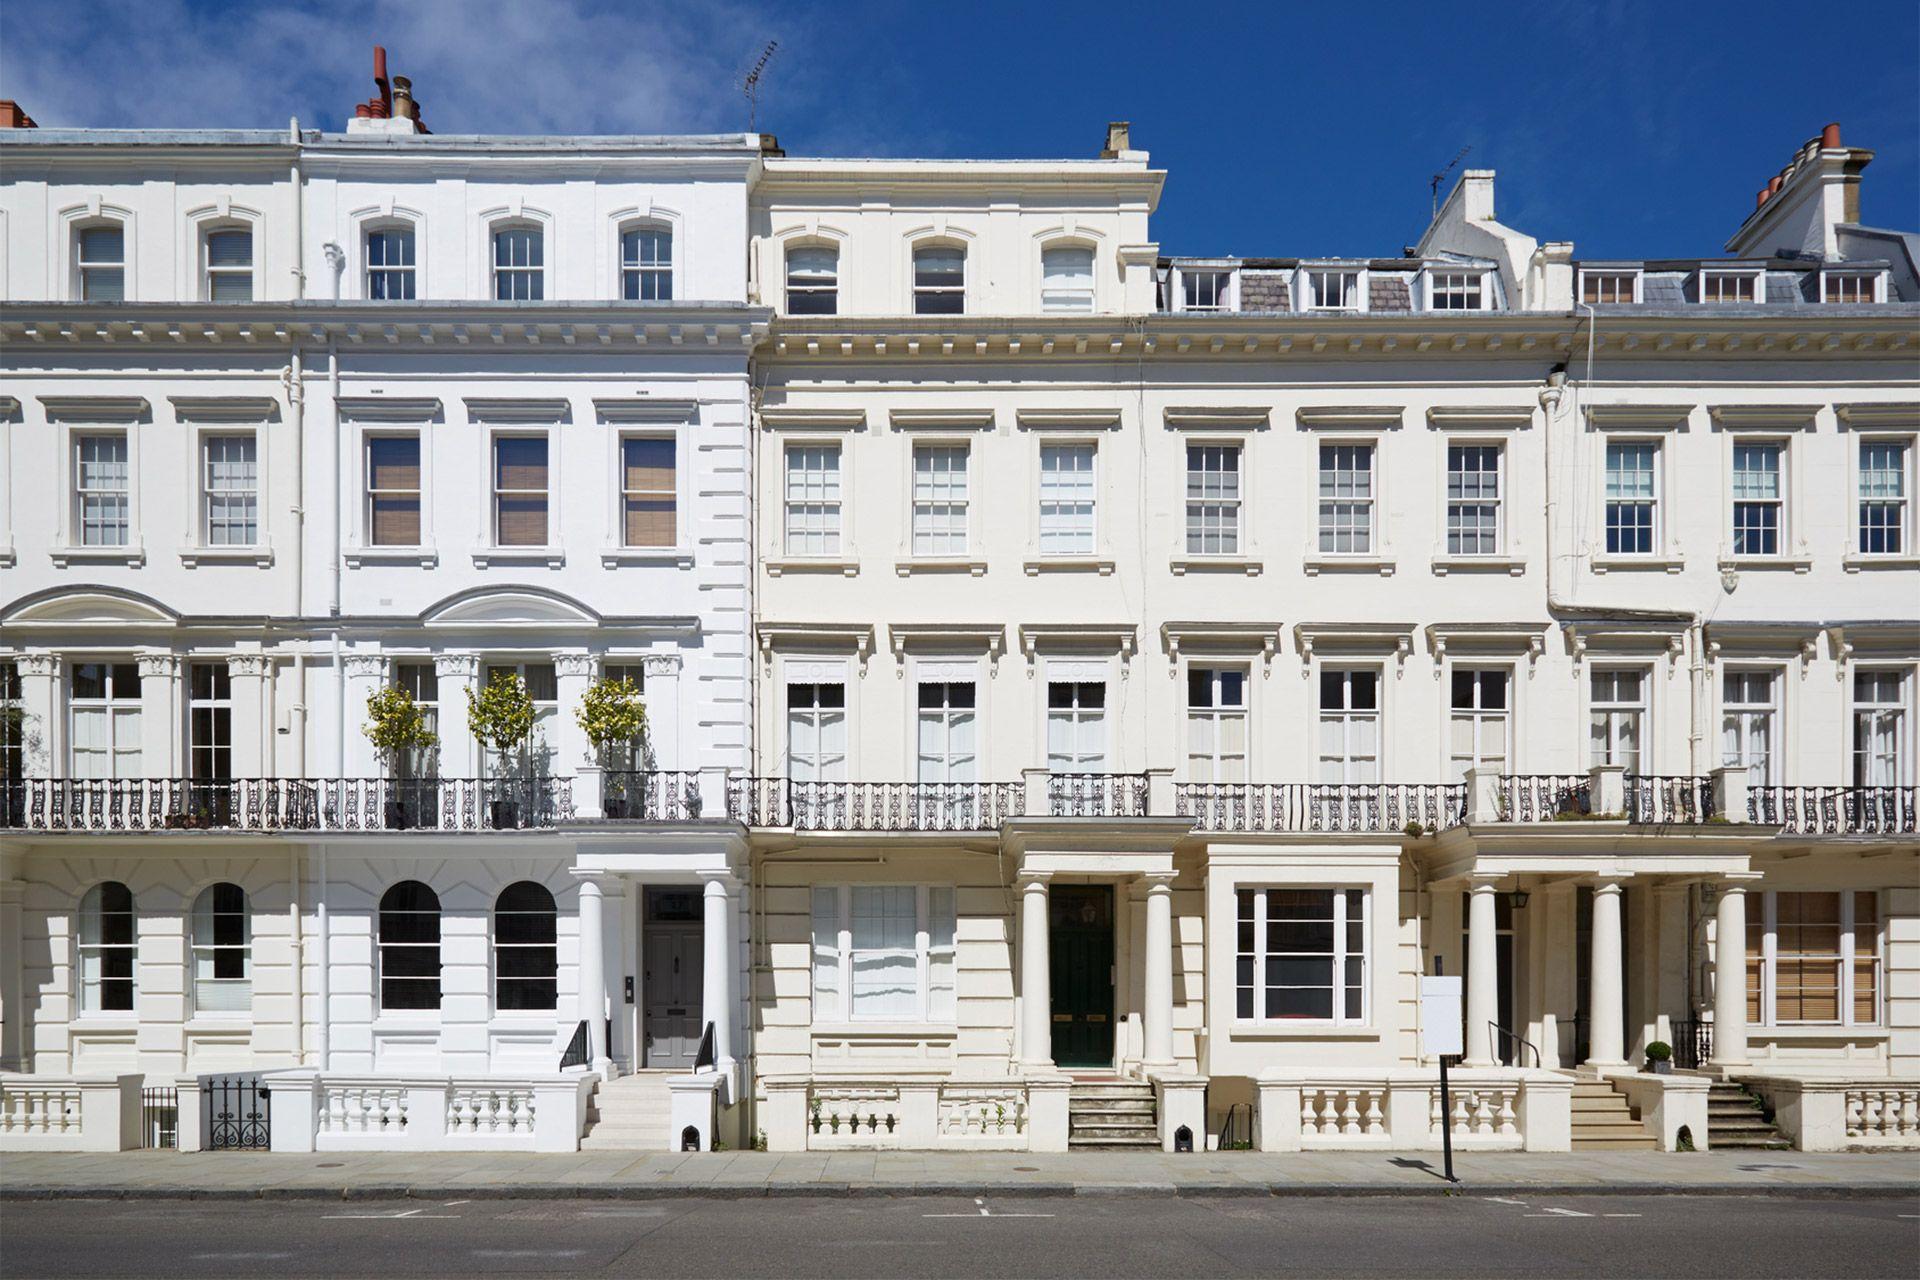 Stunning white townhouses in Kensington